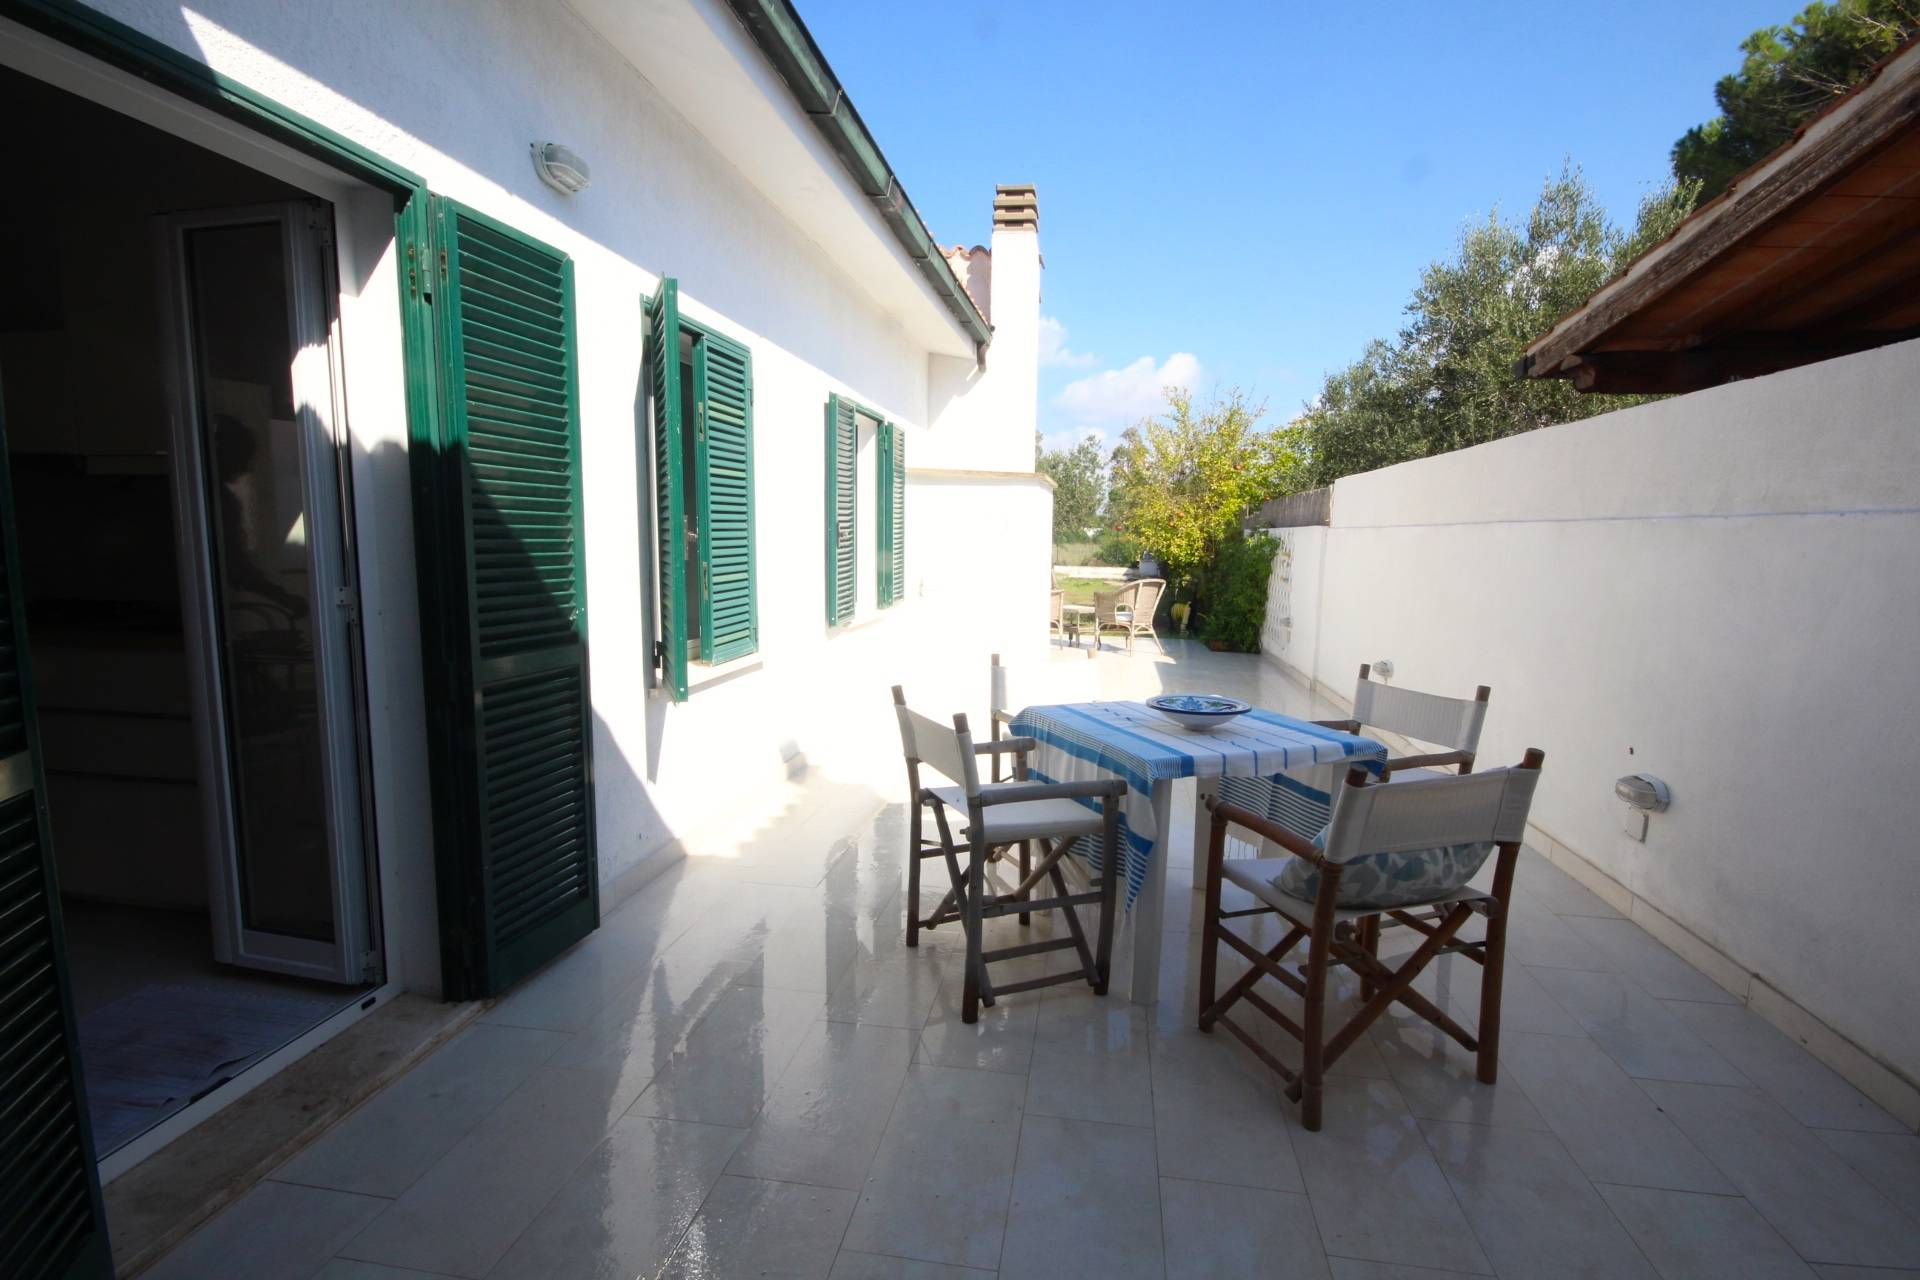 Soluzione Indipendente in vendita a Orbetello, 6 locali, zona Zona: Giannella, prezzo € 385.000 | Cambio Casa.it